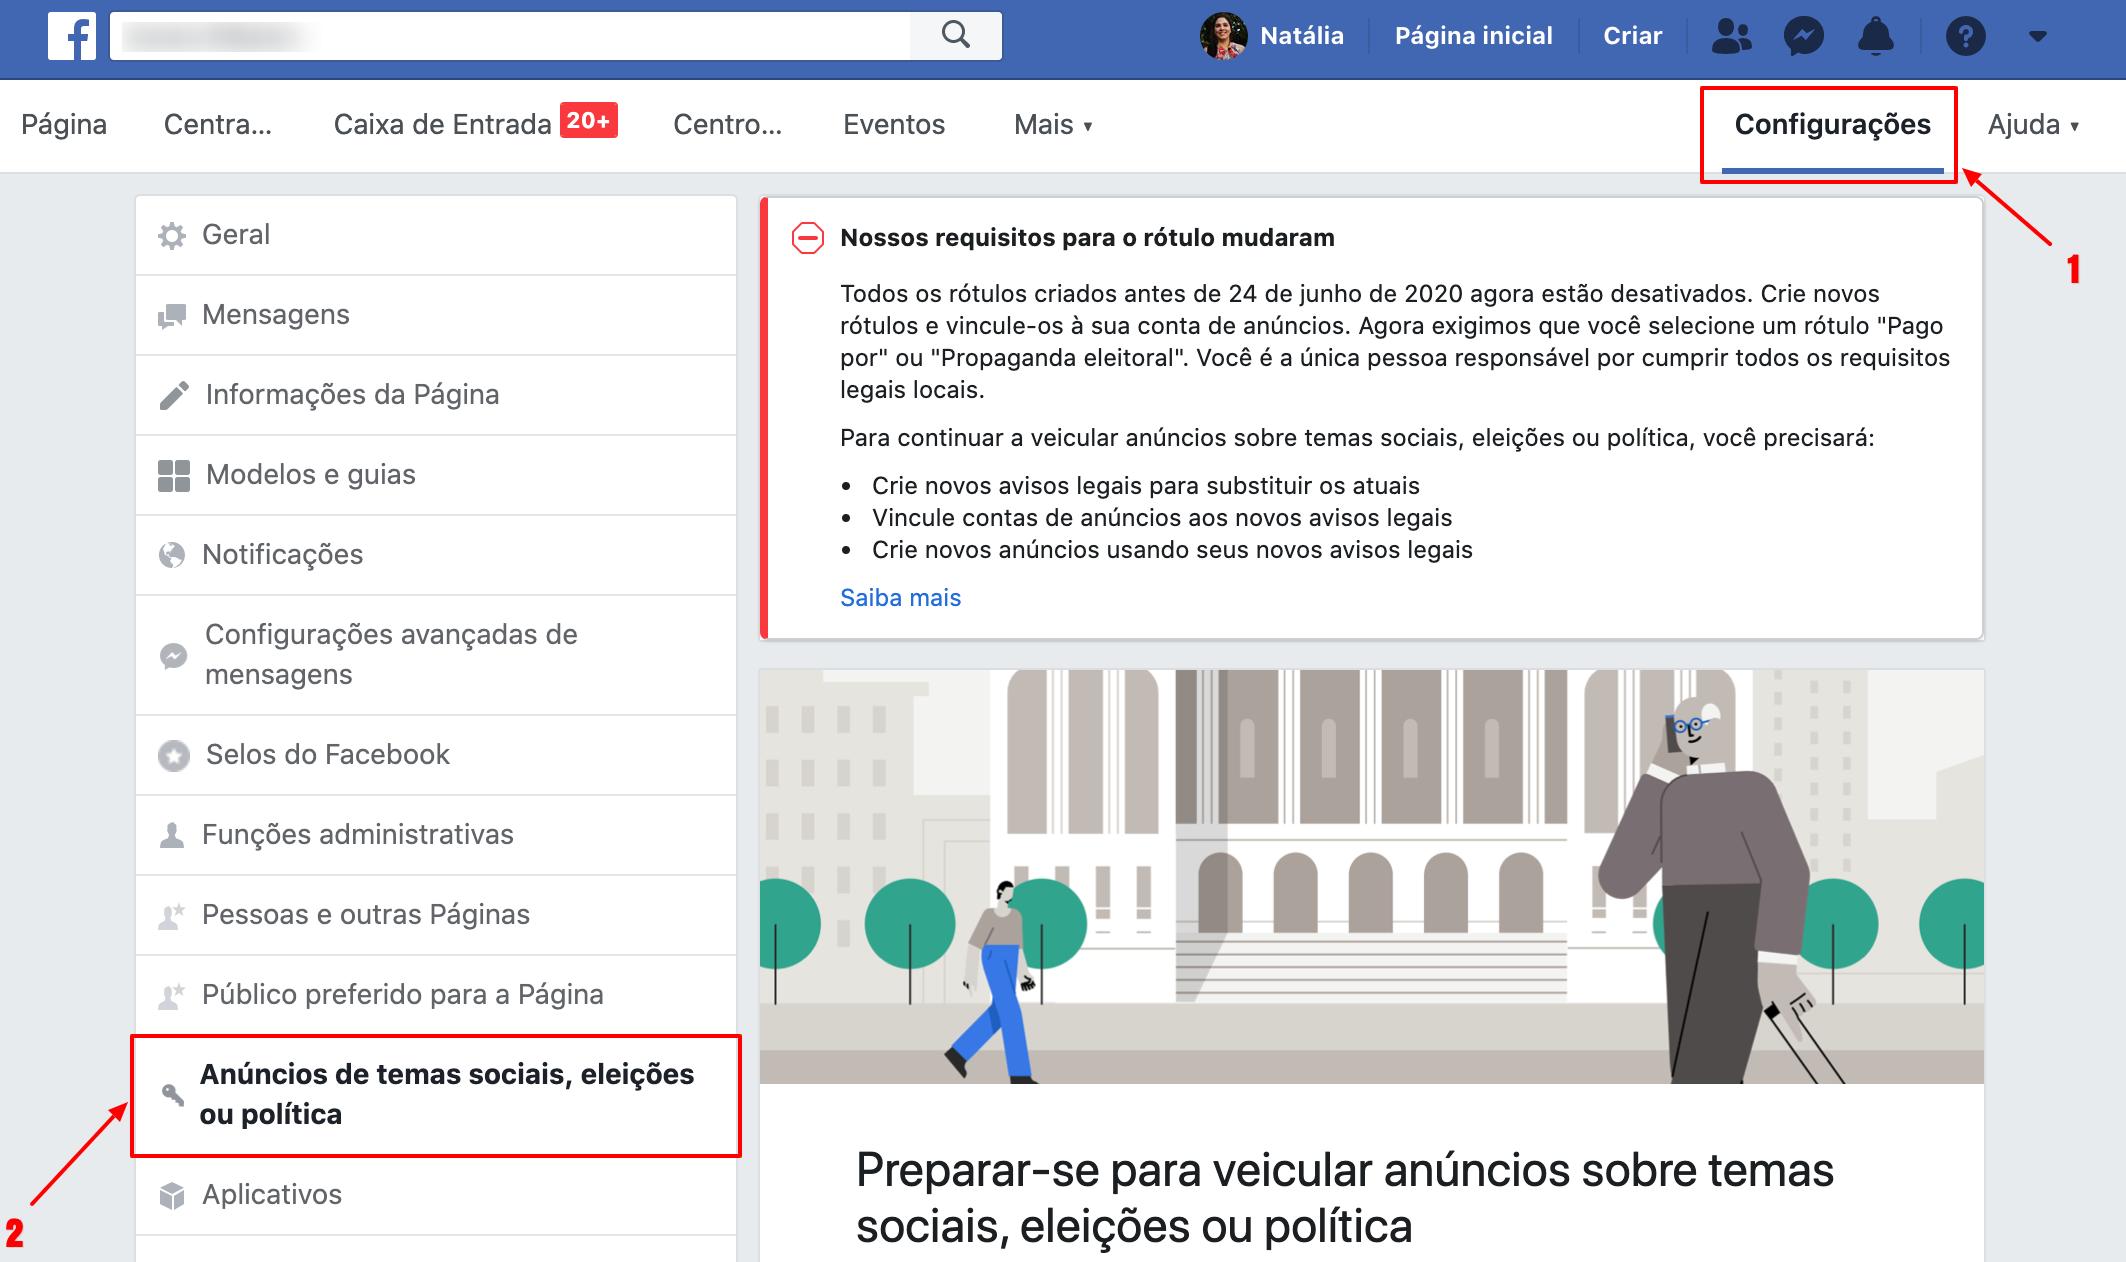 Como verificar perfil para fazer anúncios sobre política e eleições no Facebook